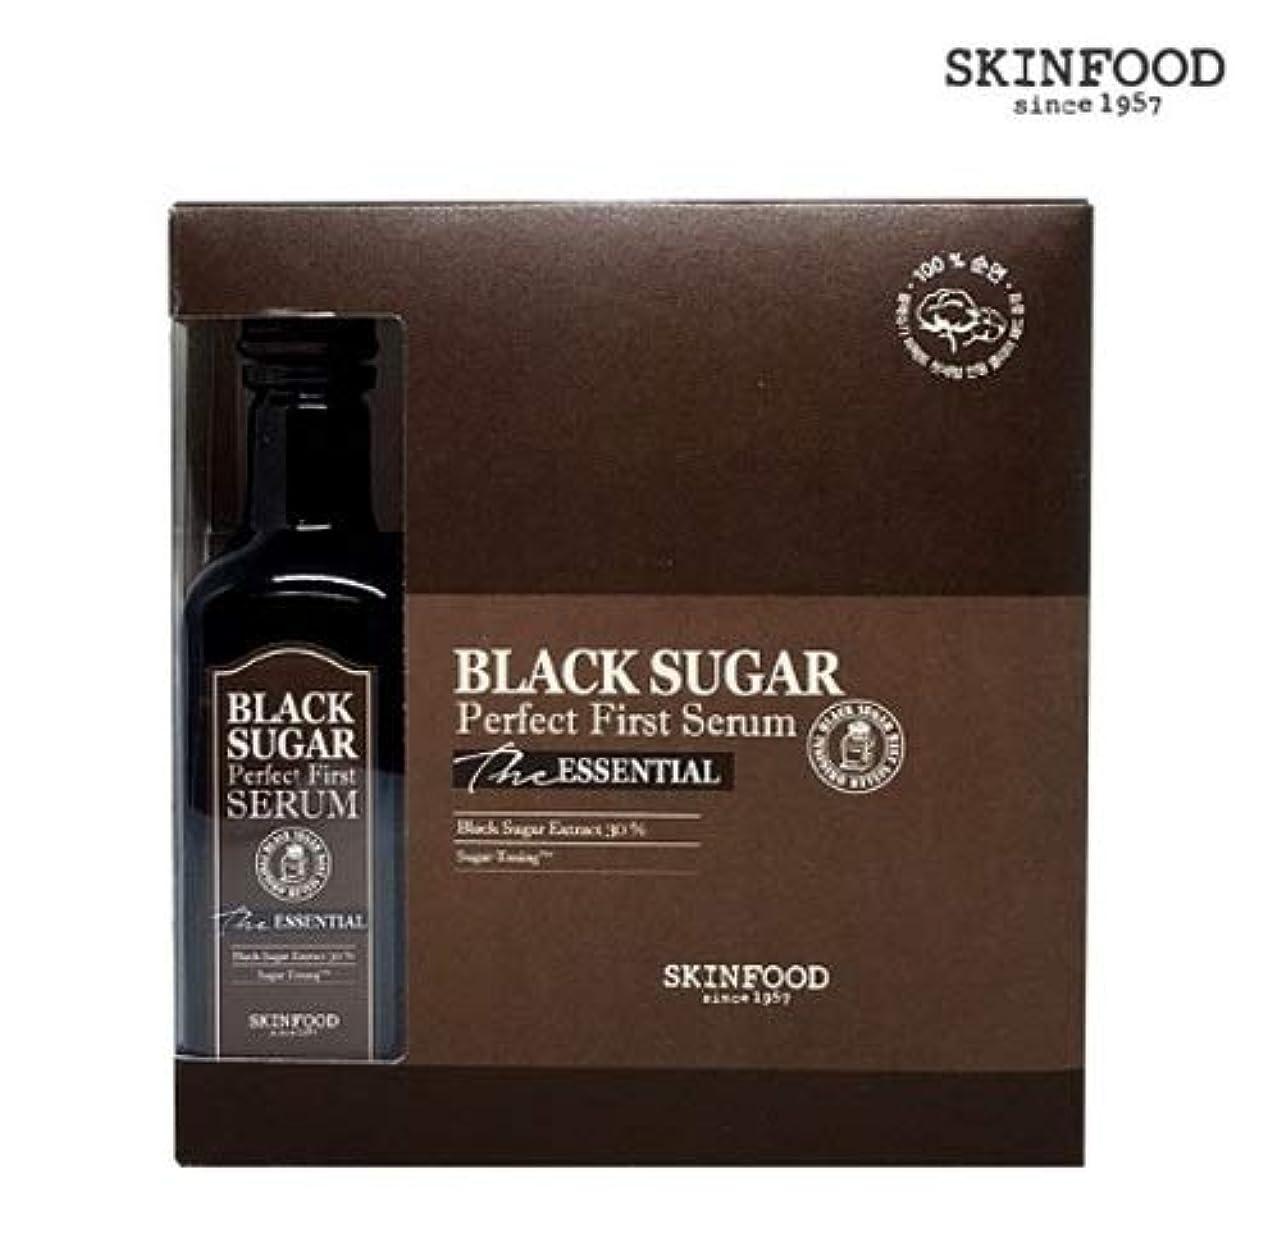 エゴイズム市長良心Skin foodスキンフードブラックシュガーパーフェクト最初血清 (専用化粧綿60枚を含む)